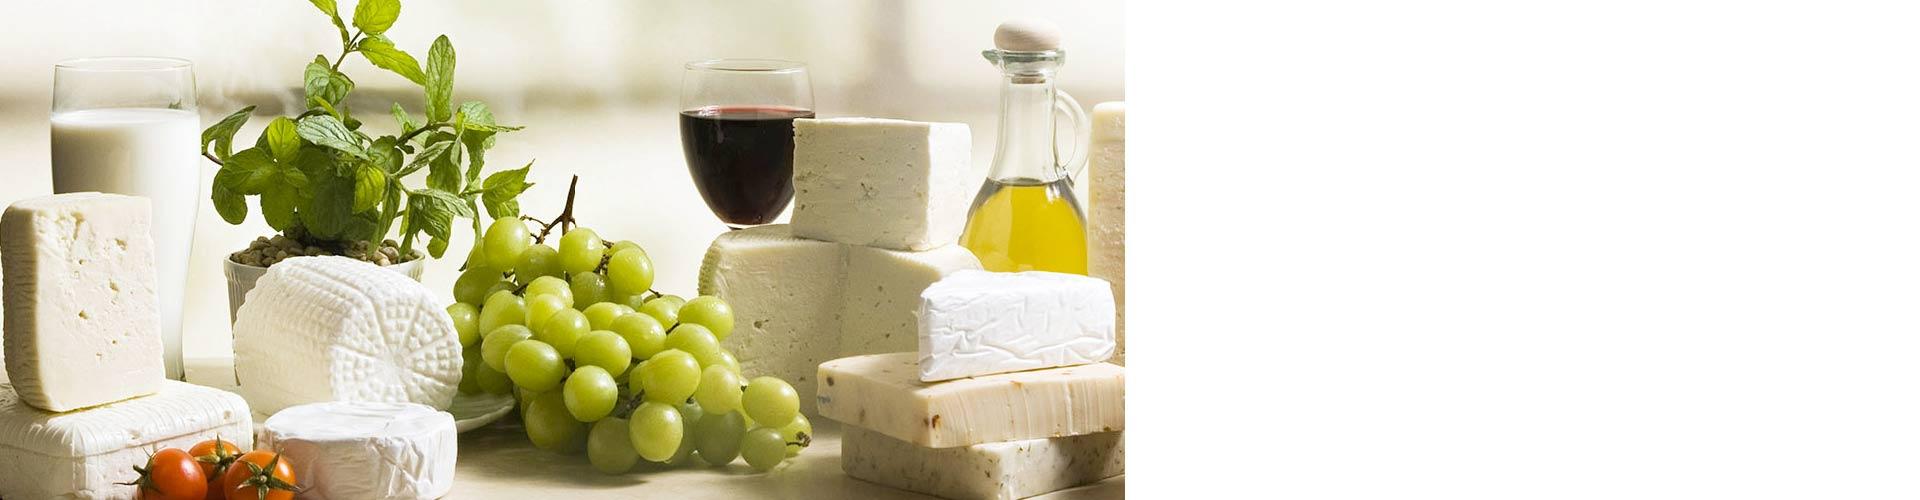 seconda-formaggio-franciacorta